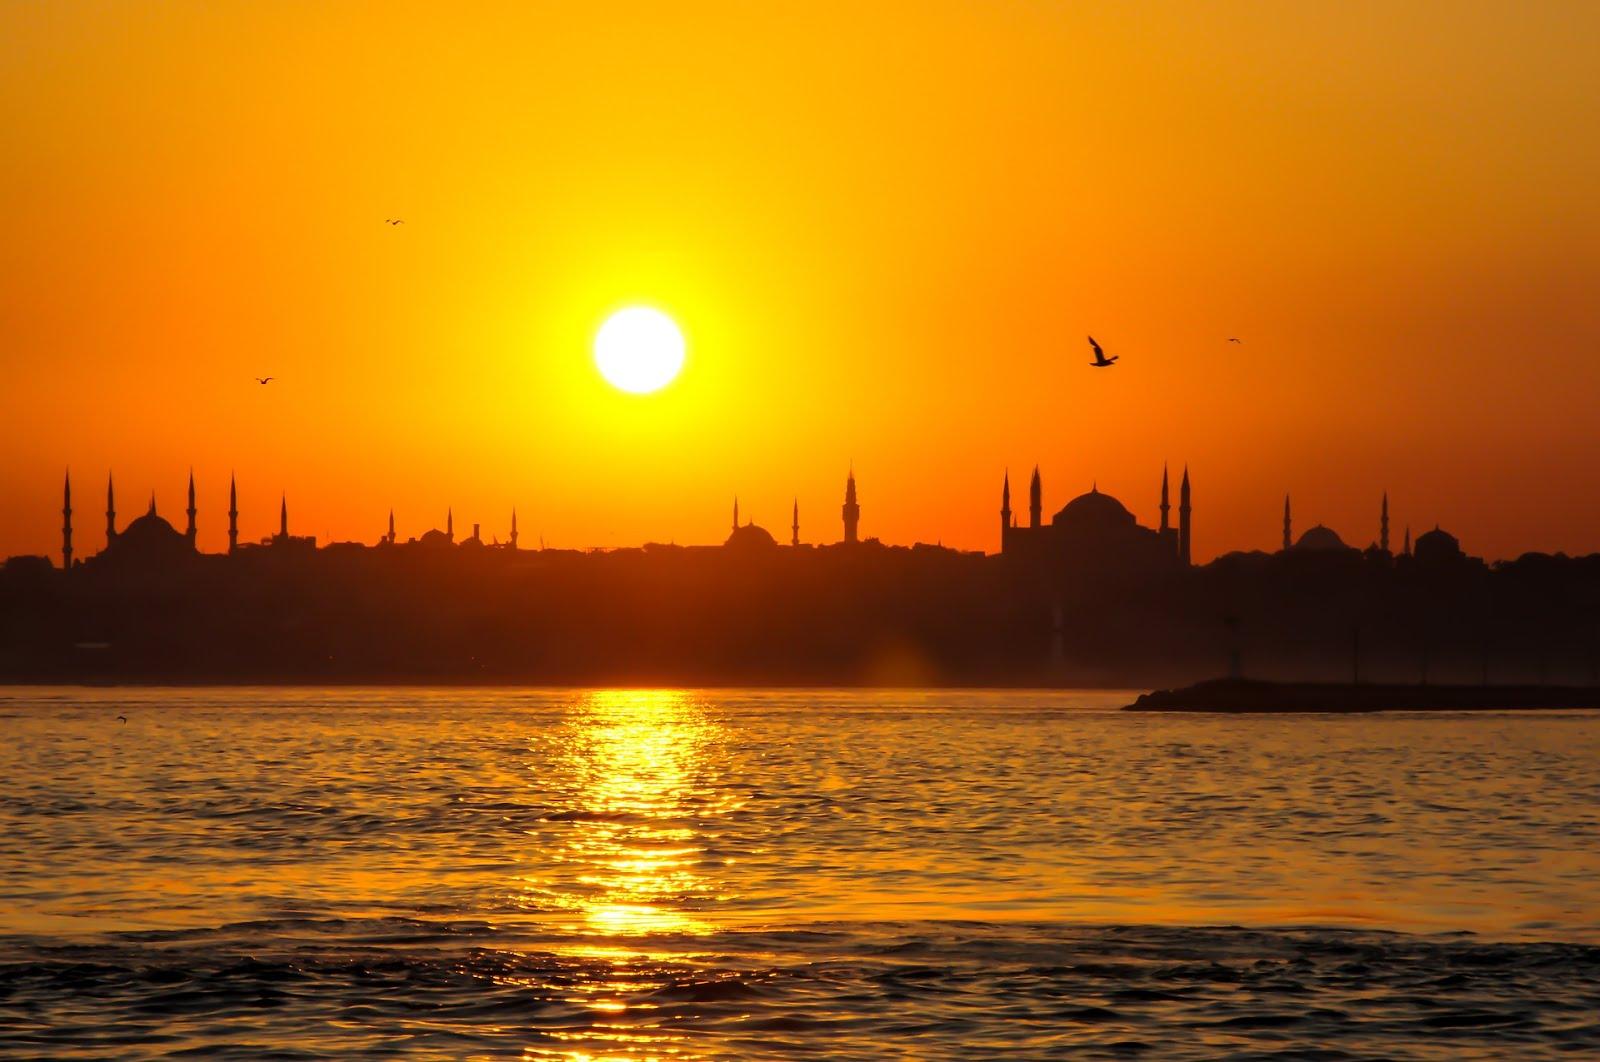 それはオスマン帝国外伝から始まった...